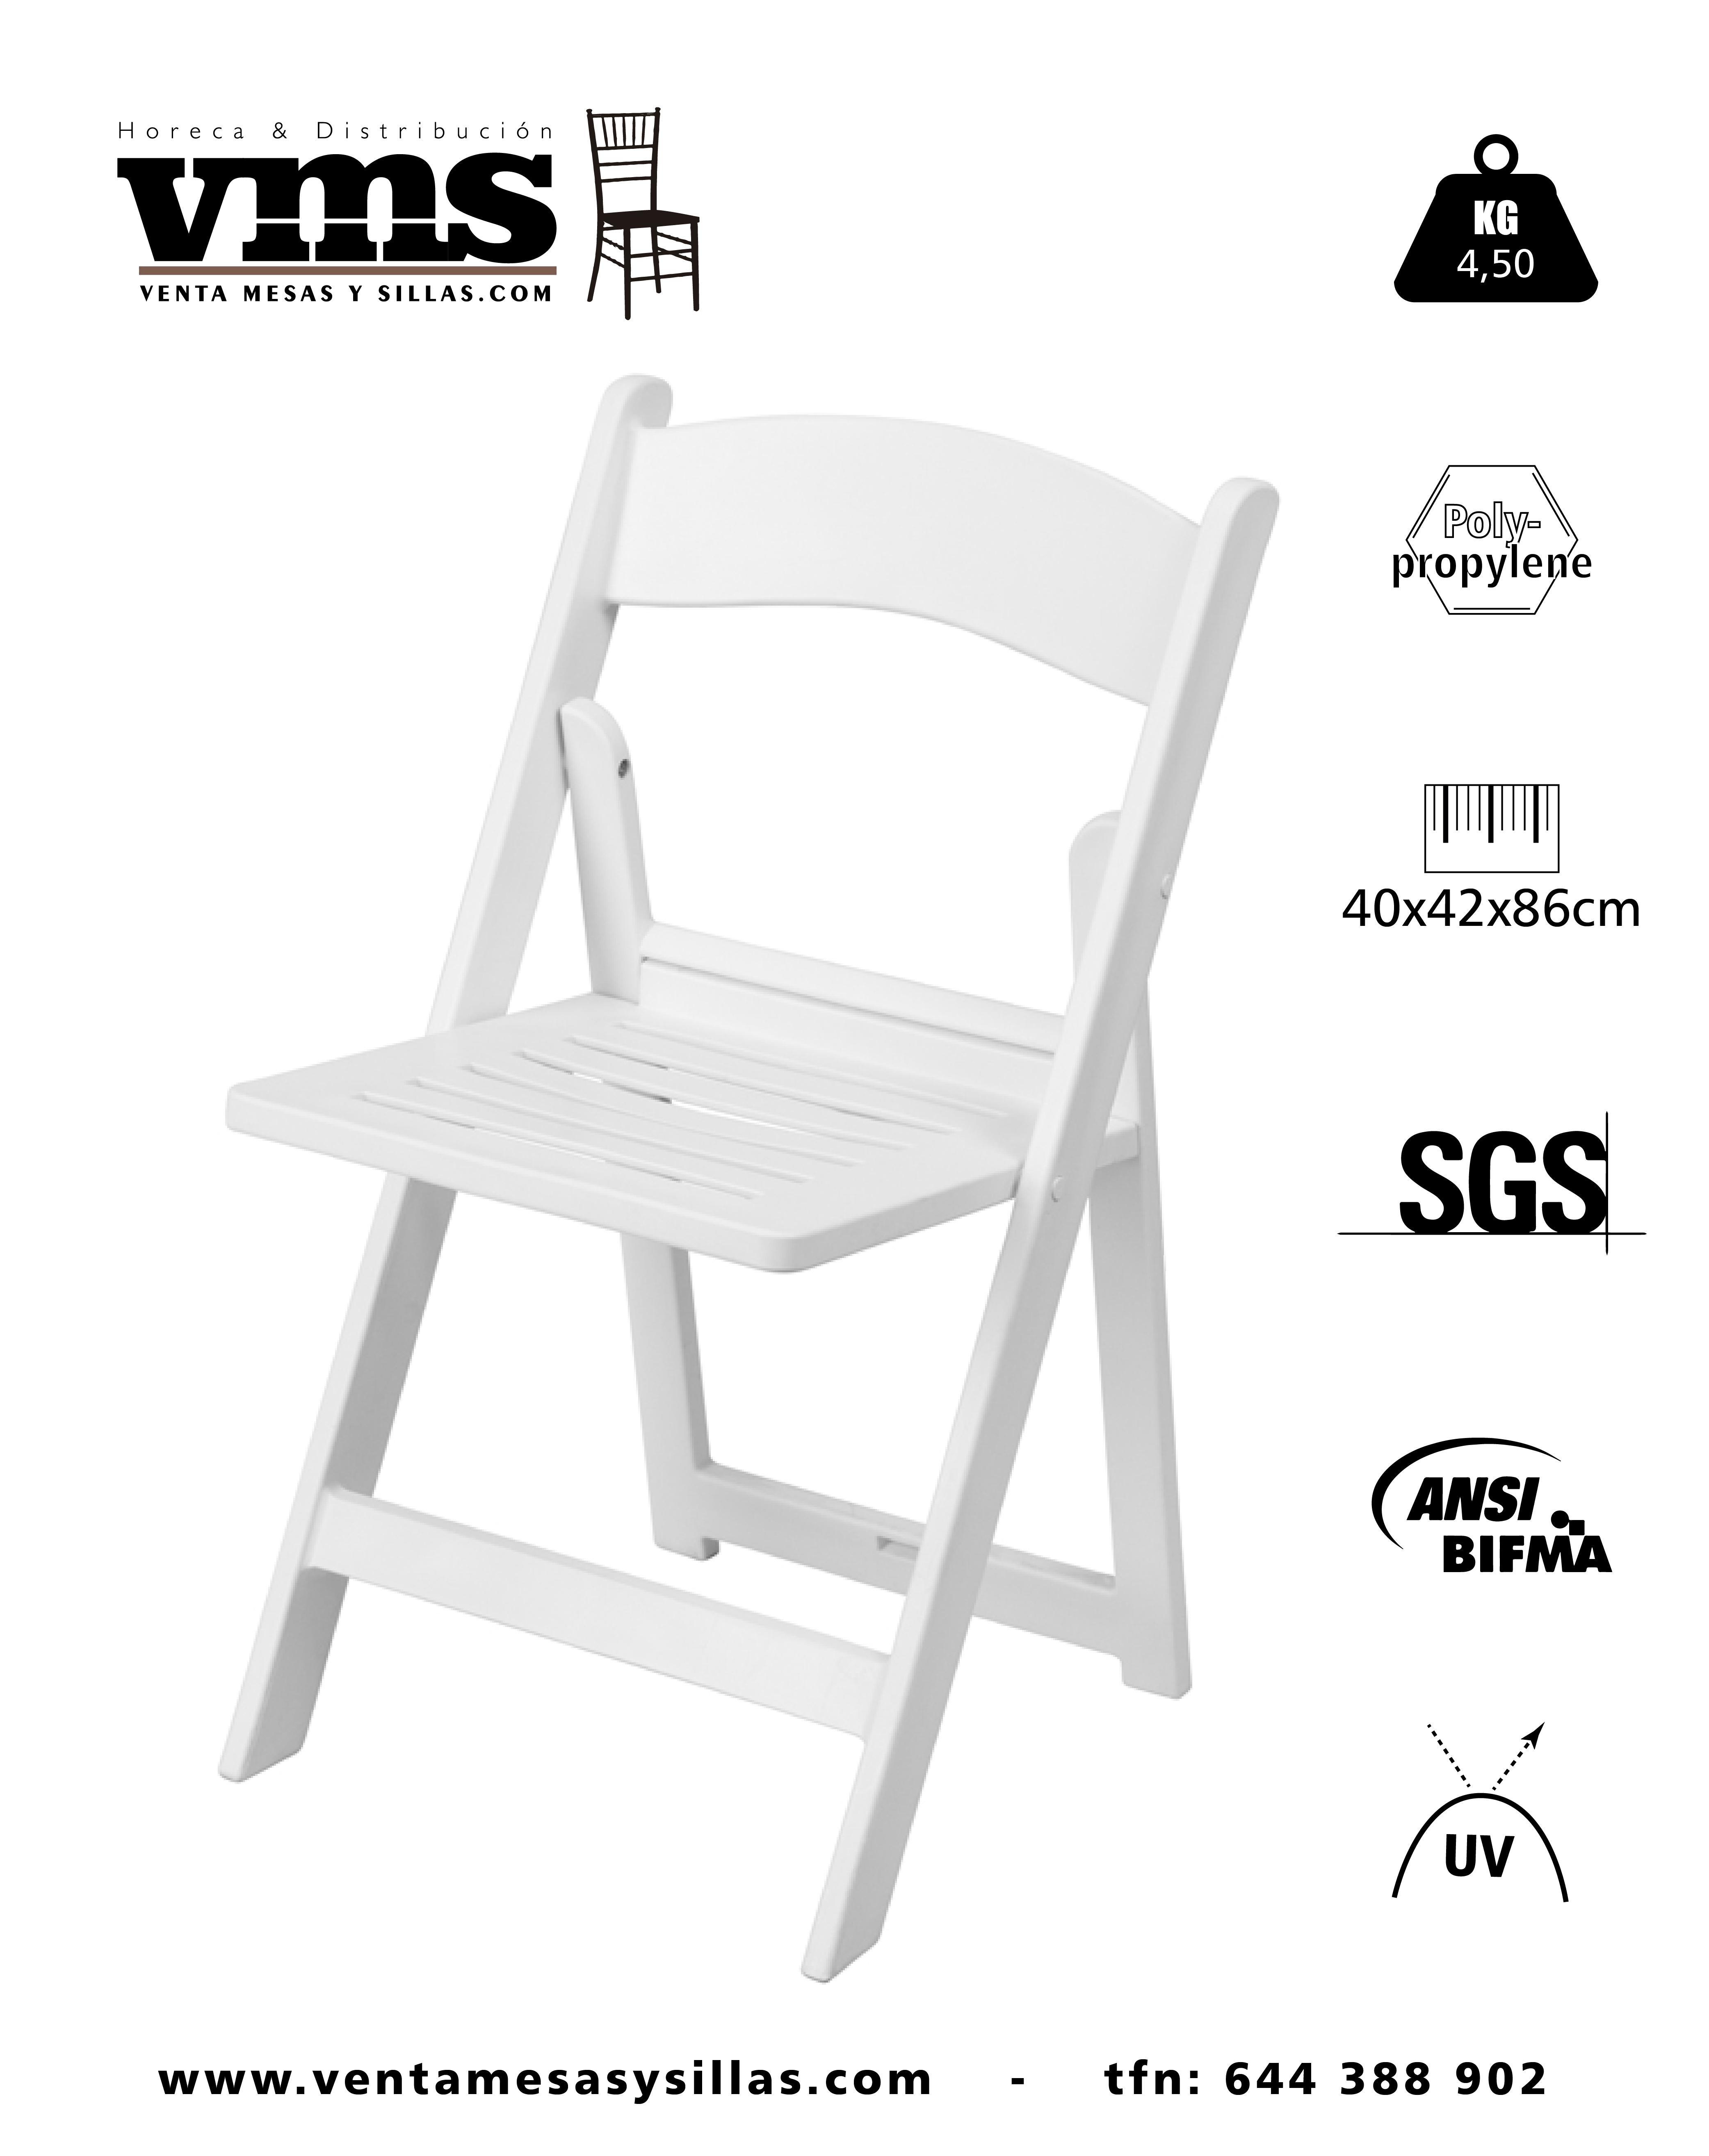 Servicios de tiendas vms - Carro porta sillas playa ...